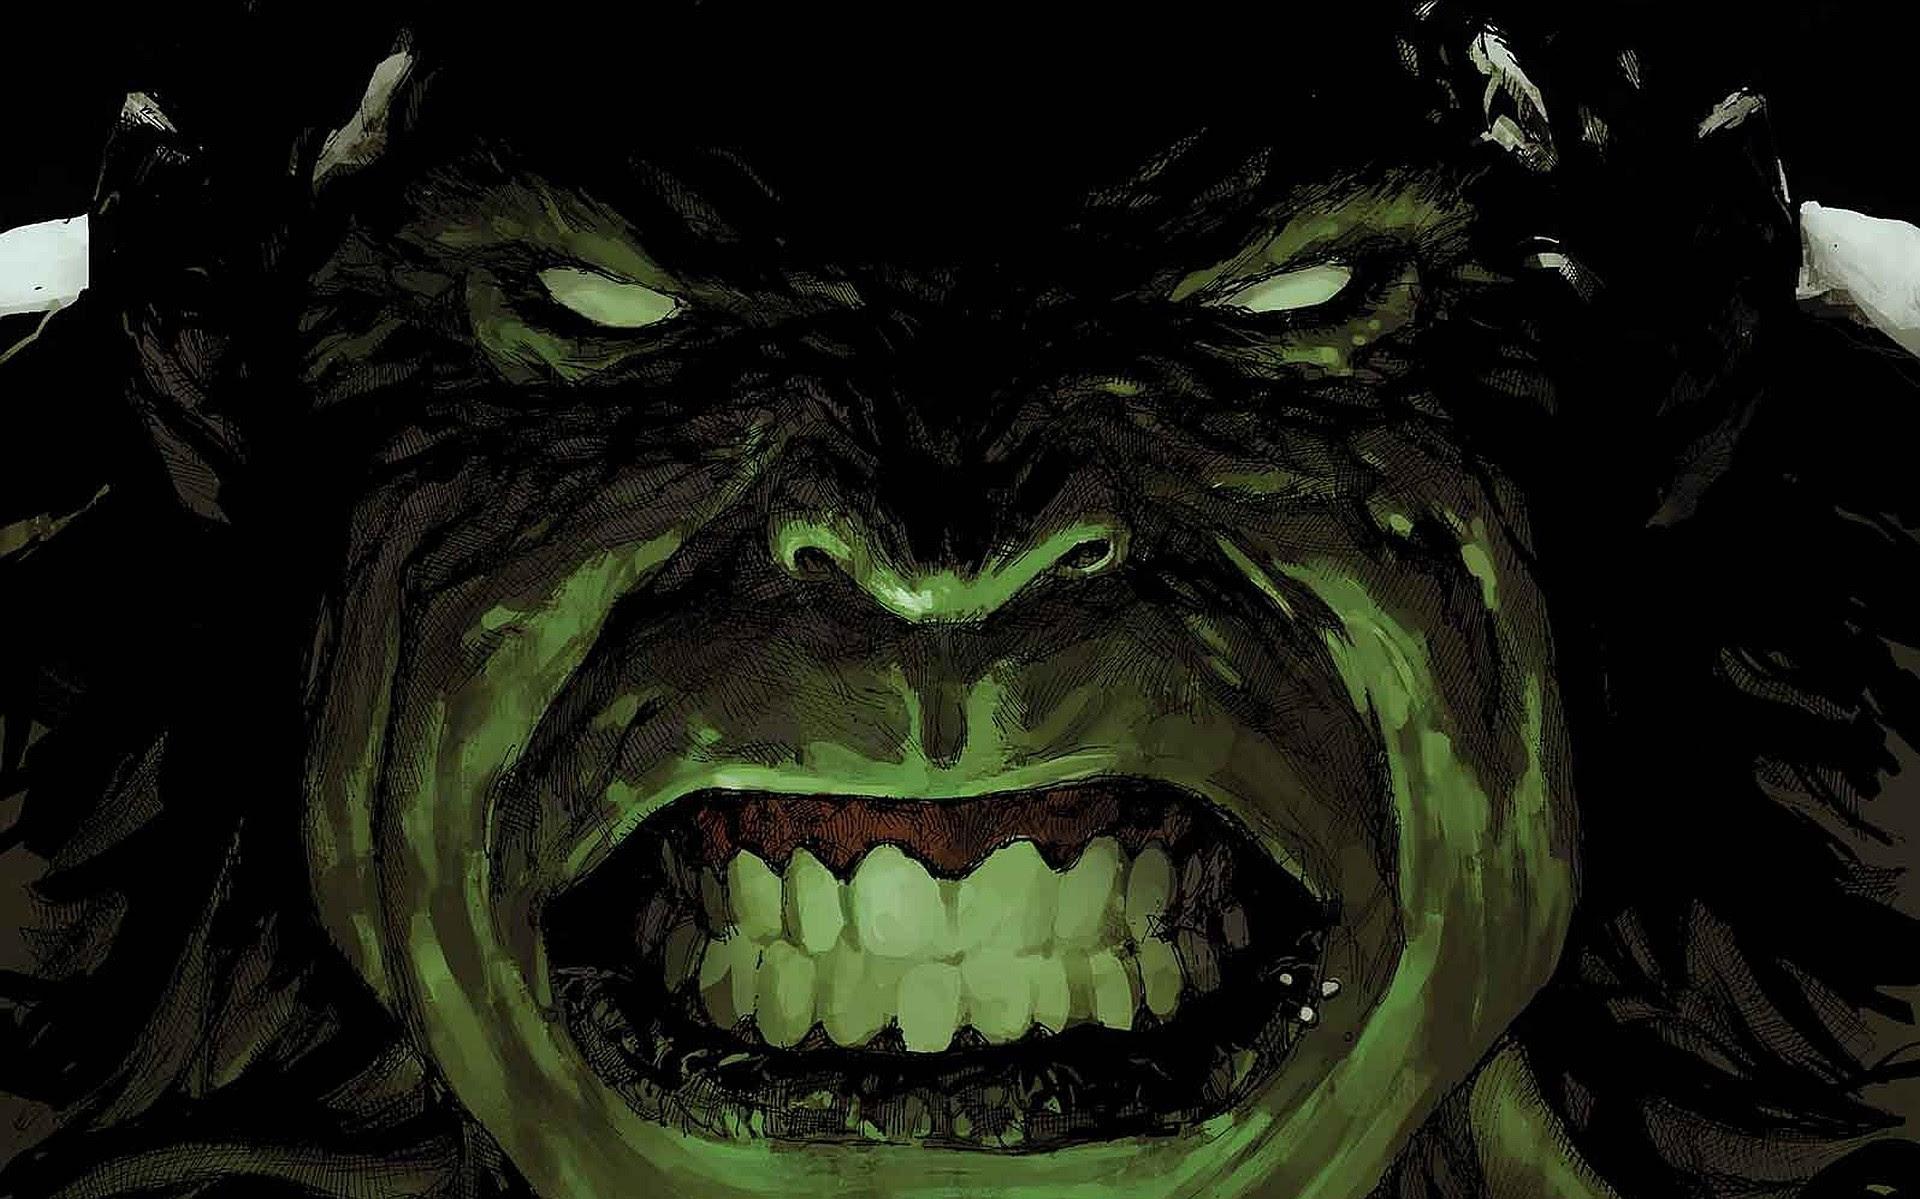 Hulk Live Wallpaper 62 Images